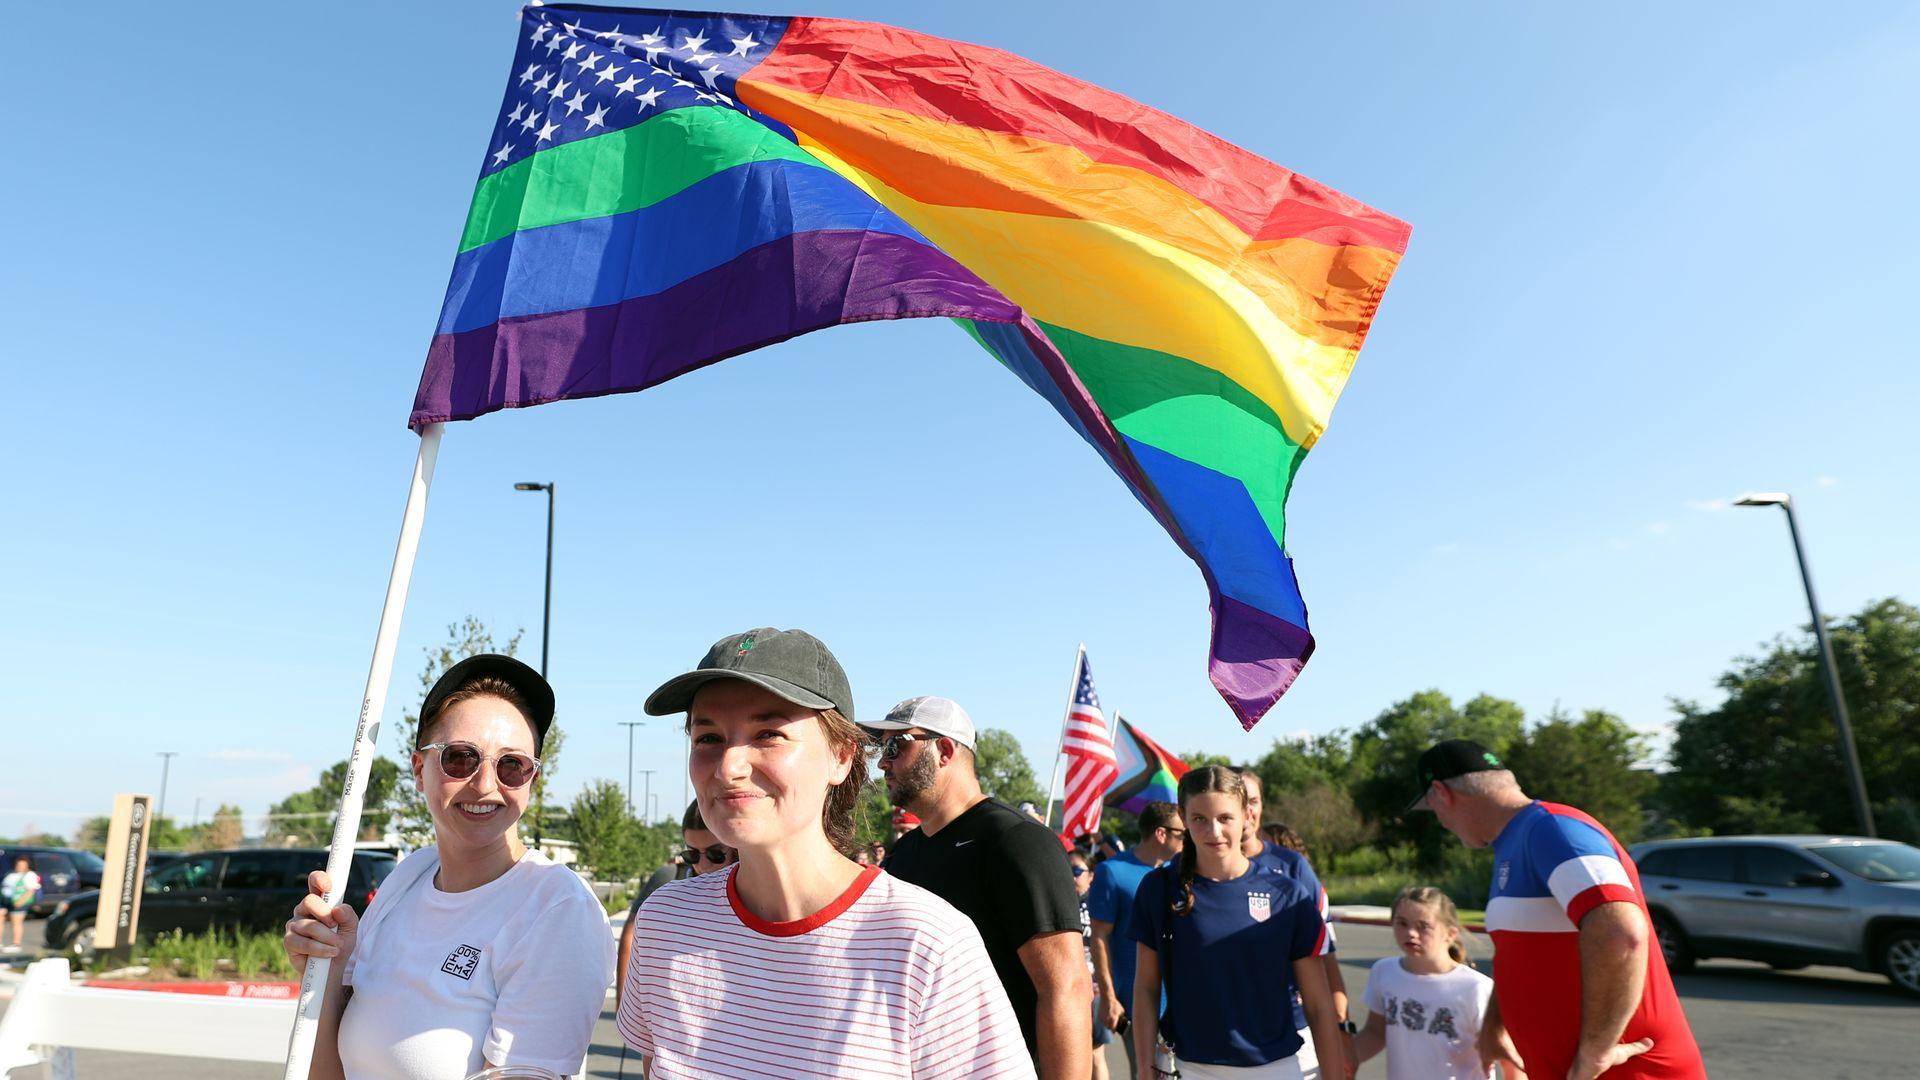 A soccer fan holds a rainbow flag